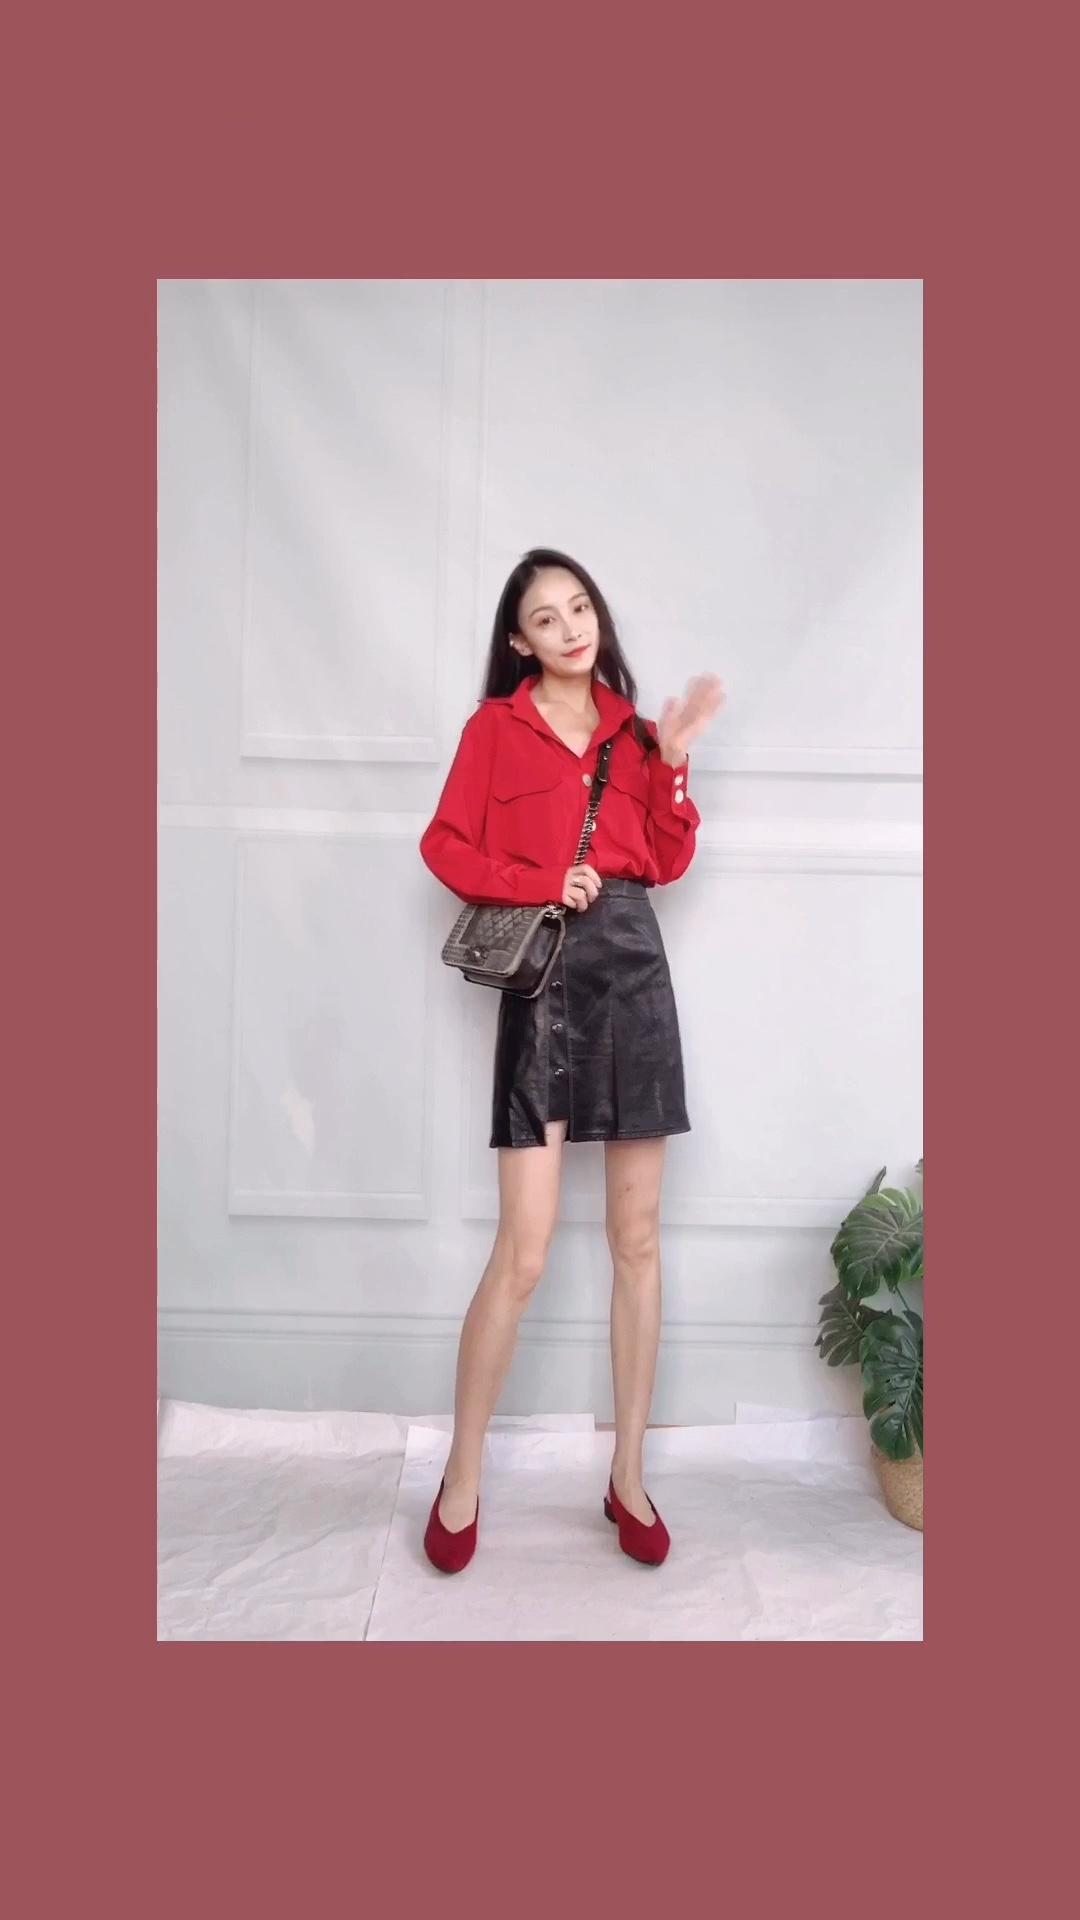 OOTD每日穿搭|复古显高LOOK 哇红色的衬衣复古又港风十足 不仅显白衬肤色还很显气质 搭配高腰的皮裙瞬间大长腿 侧纽扣设计也是很出众了呢 #教科书式秋季女友穿搭#